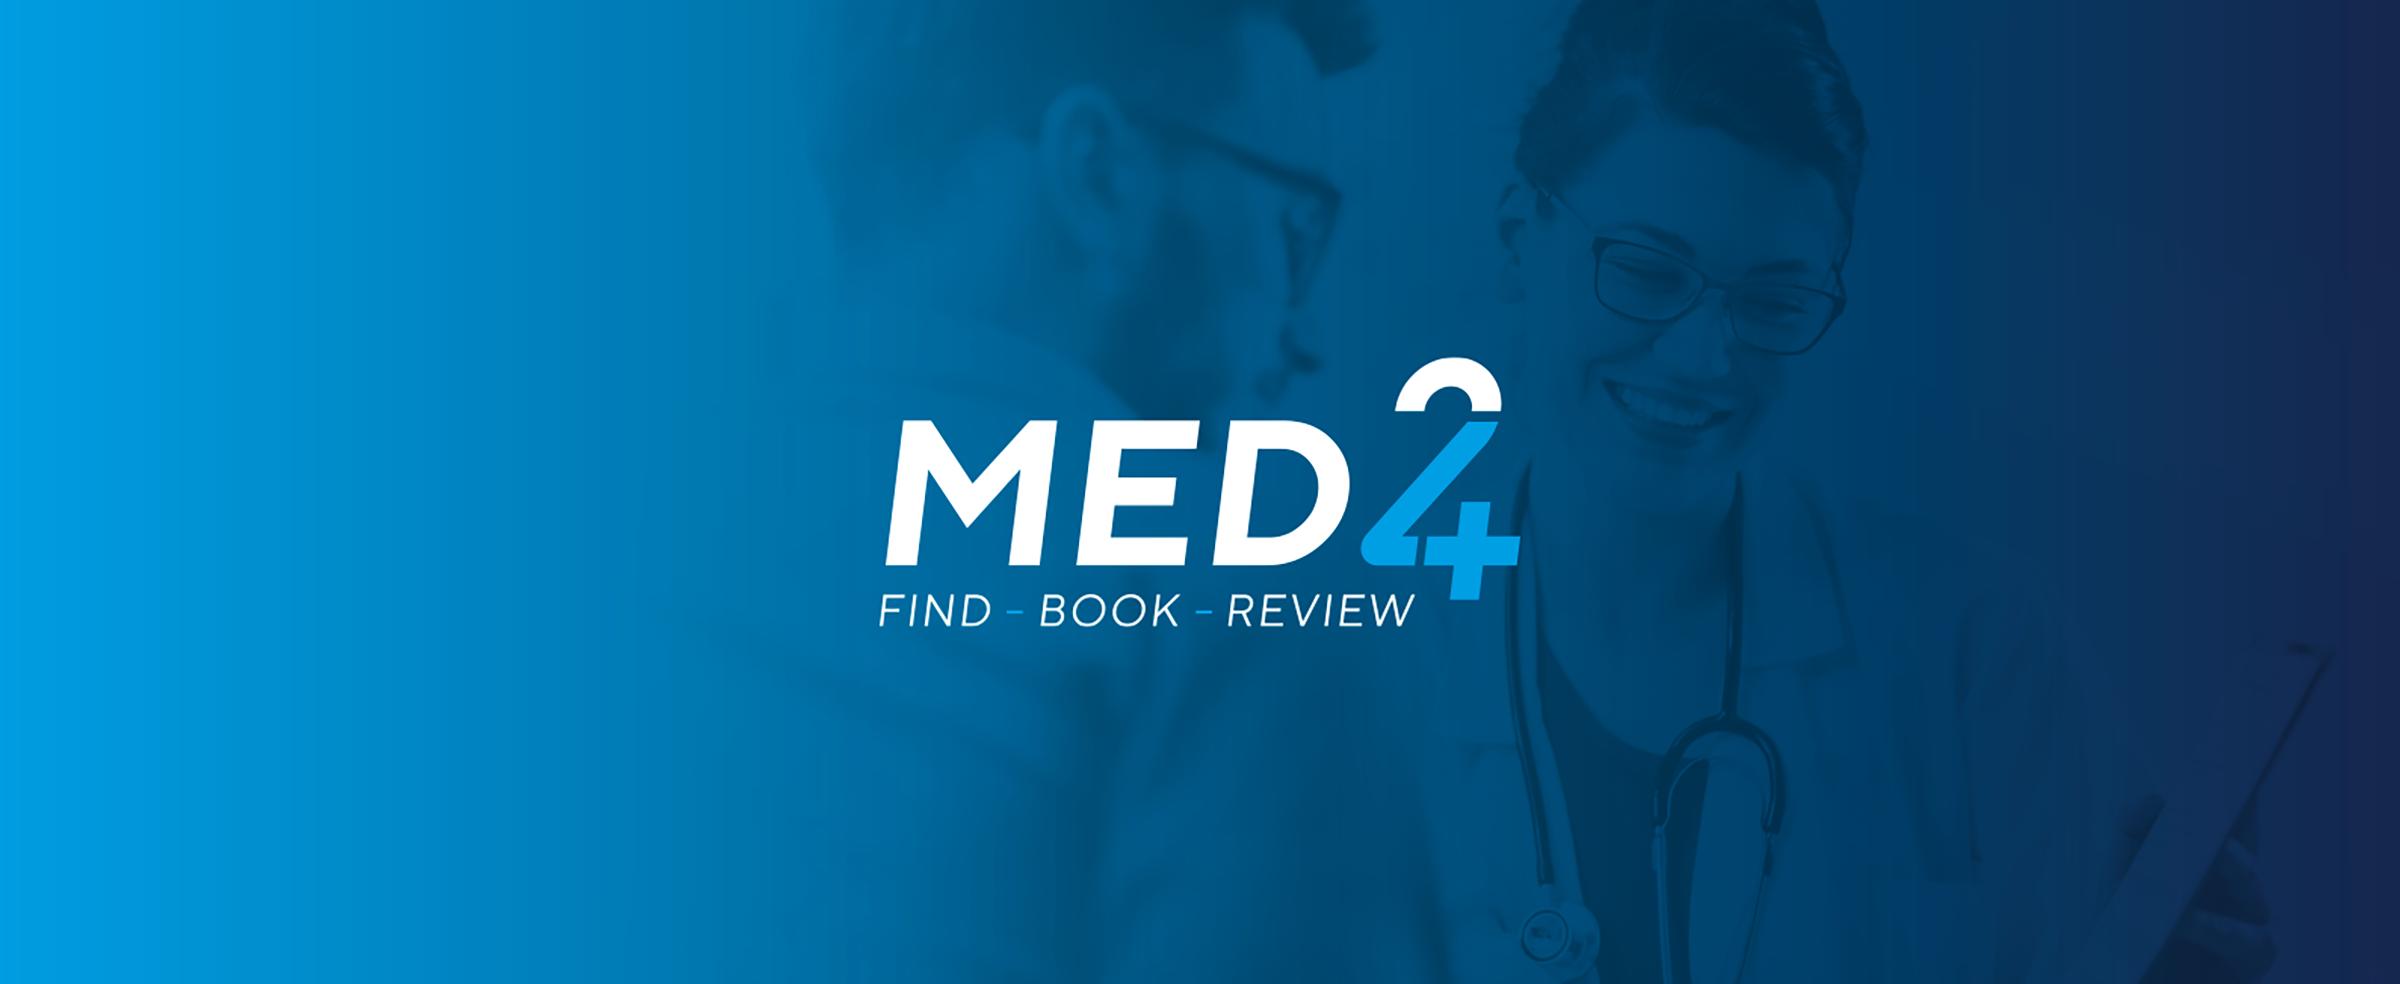 med-24-medical-branding-1